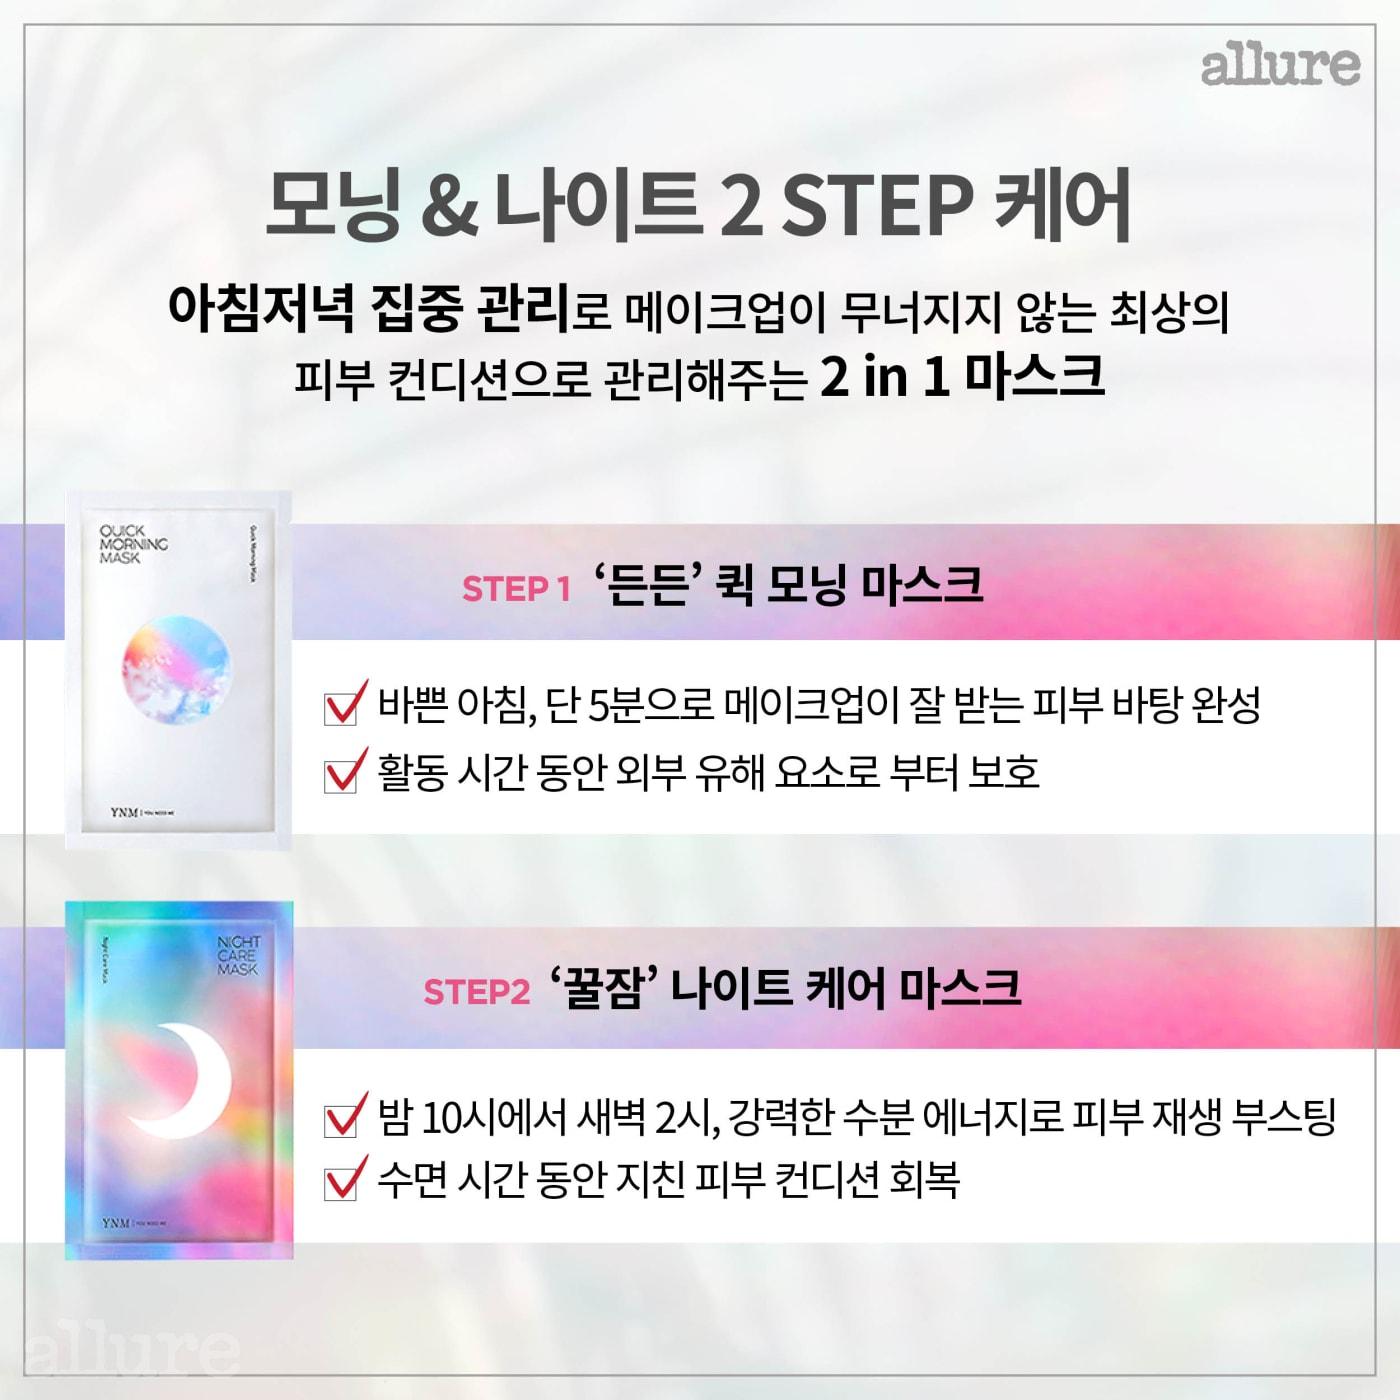 CARD 에디터스픽 와이엔엠 최종2